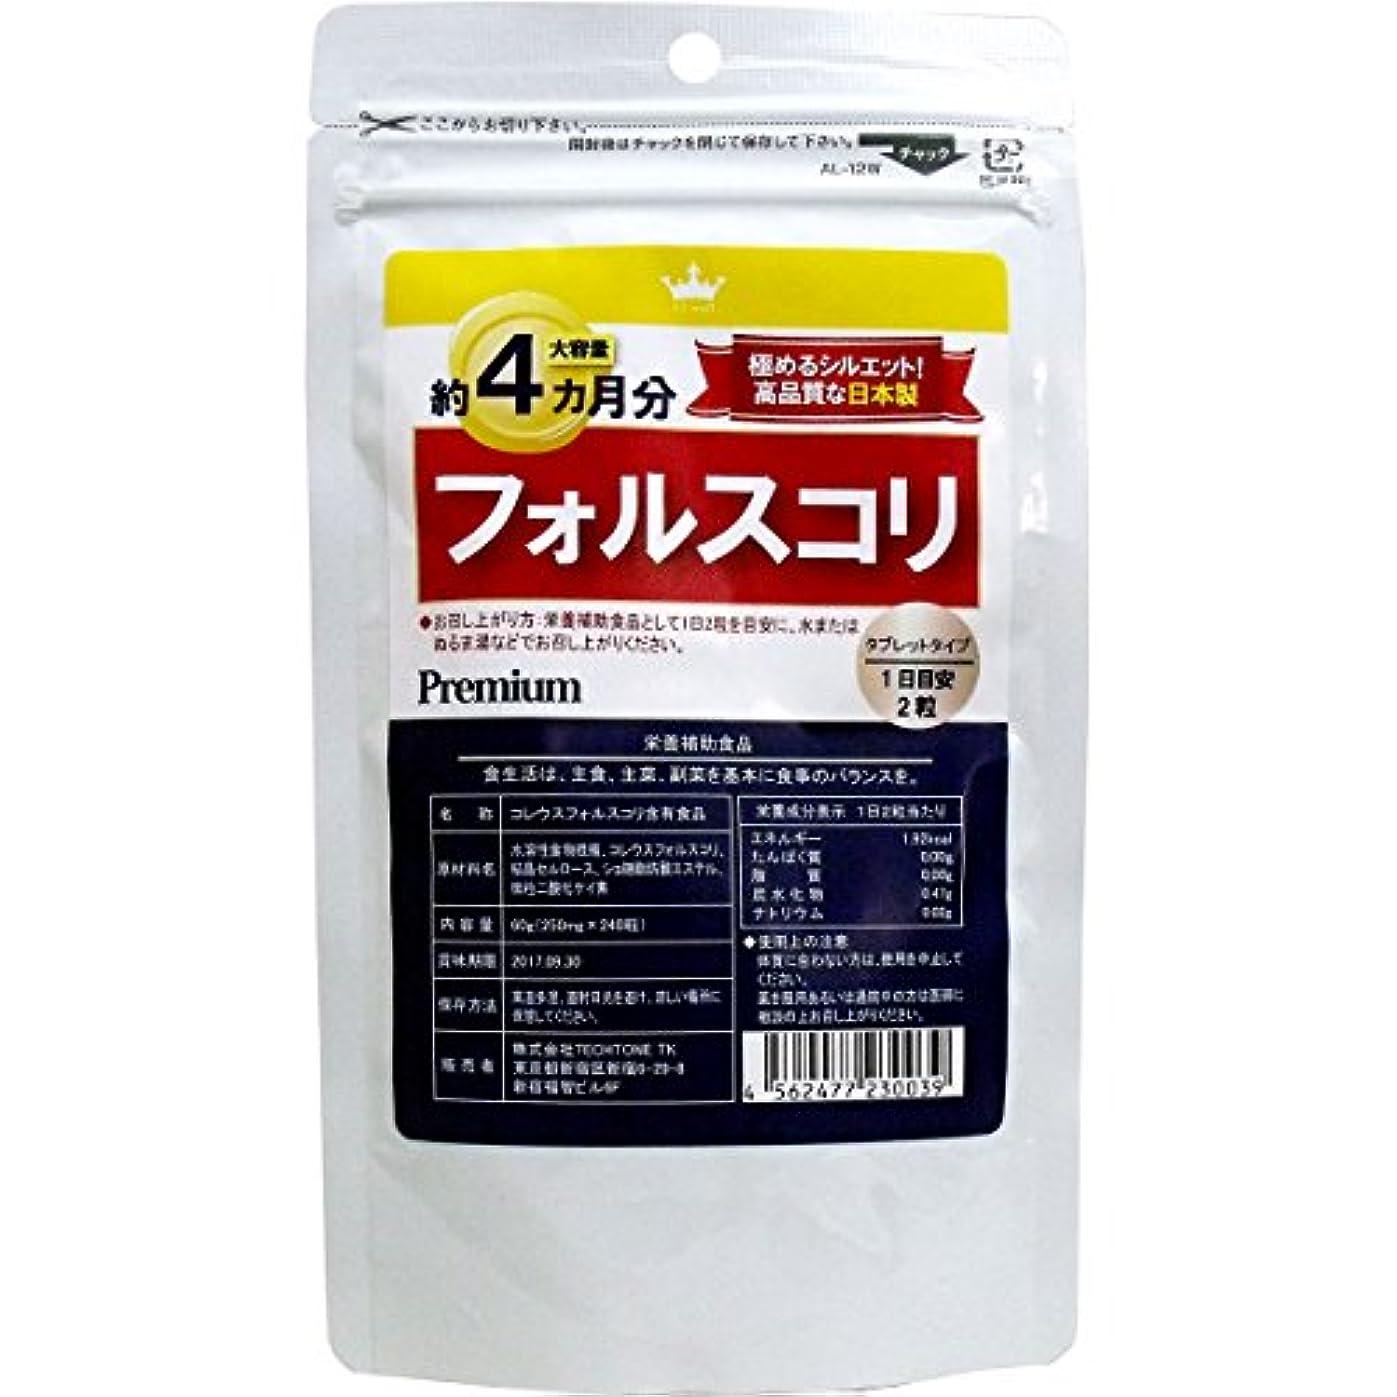 ダイエット 高品質な日本製 人気 フォルスコリ 約4カ月分 240粒入【4個セット】